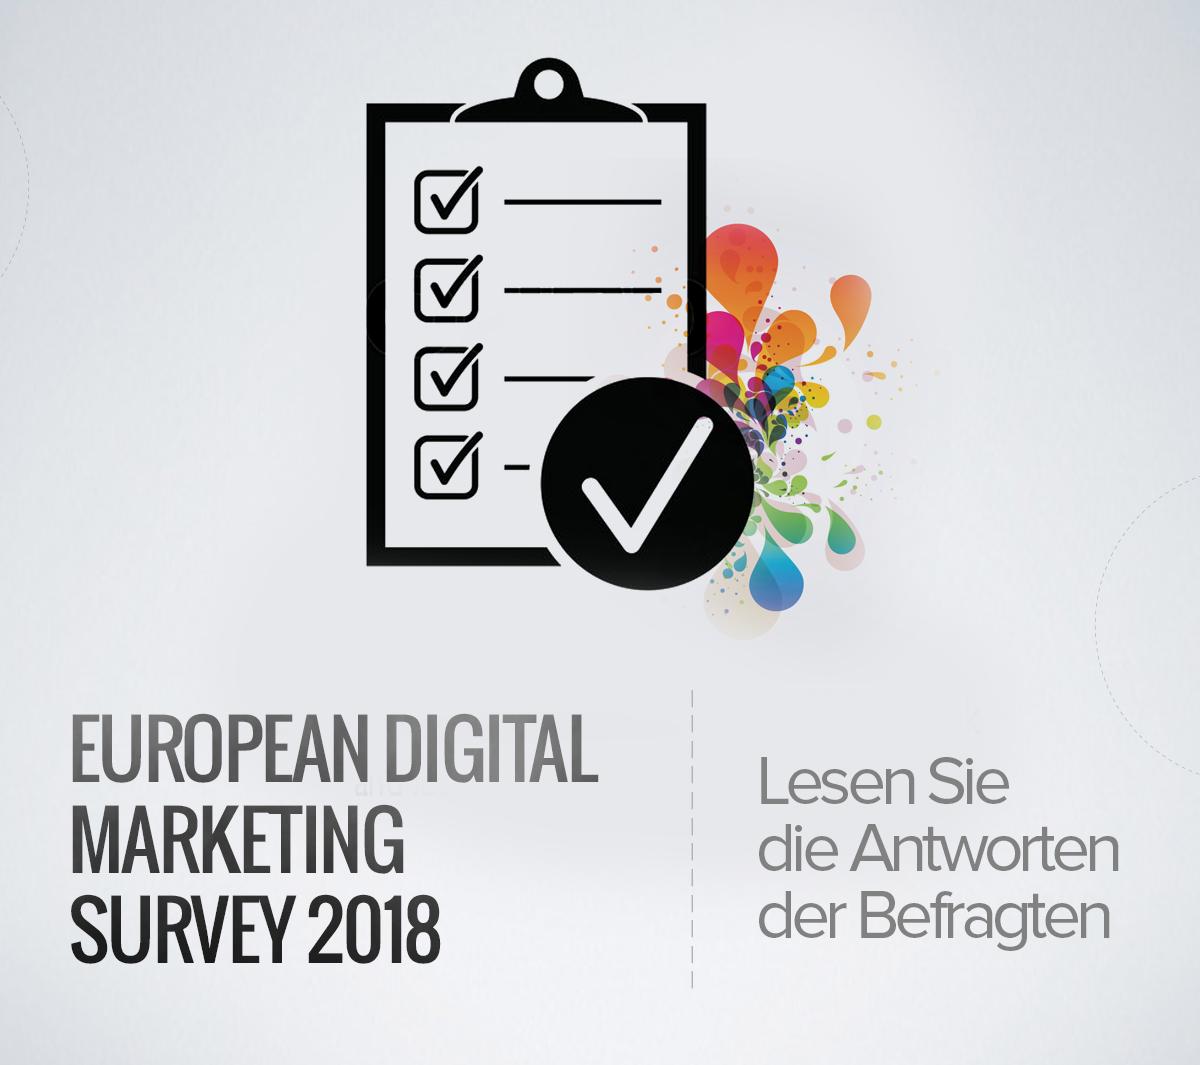 60% der Vermarkter würden sich bei der Auswahl eines neuen Jobs nicht für das Marketing entscheiden (European Digital Marketing Survey 2018)